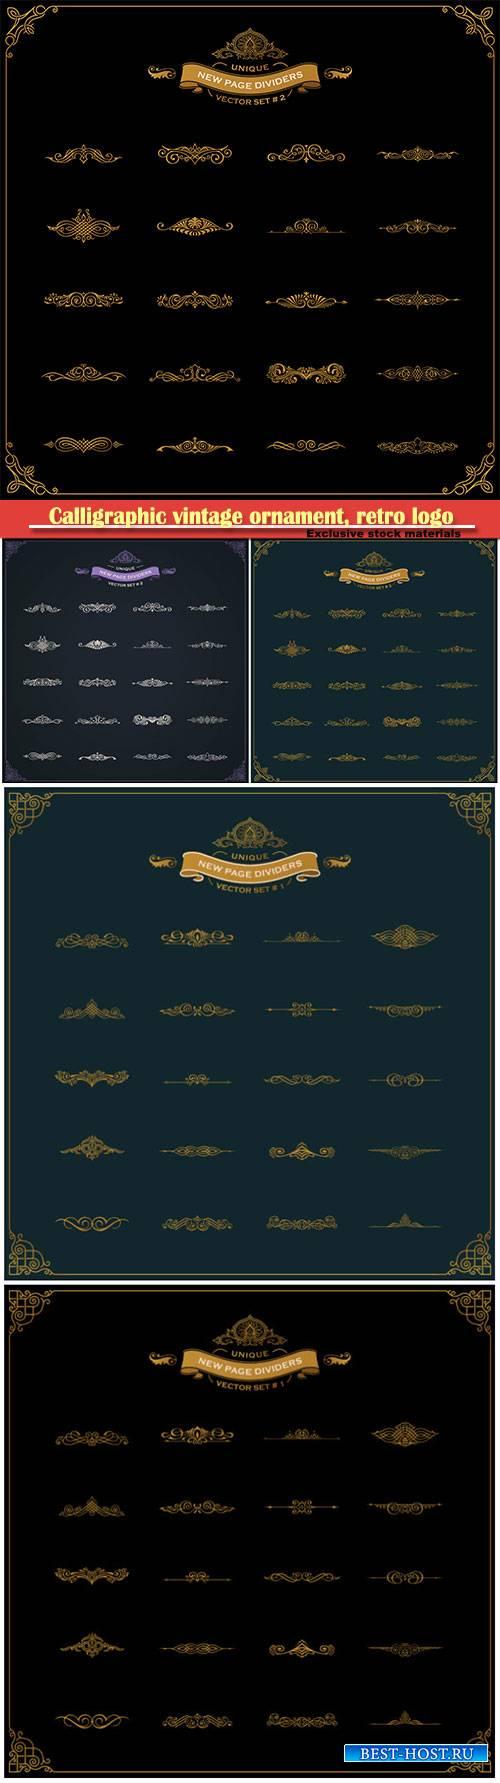 Calligraphic vintage ornament, retro logo and vector decorative border line